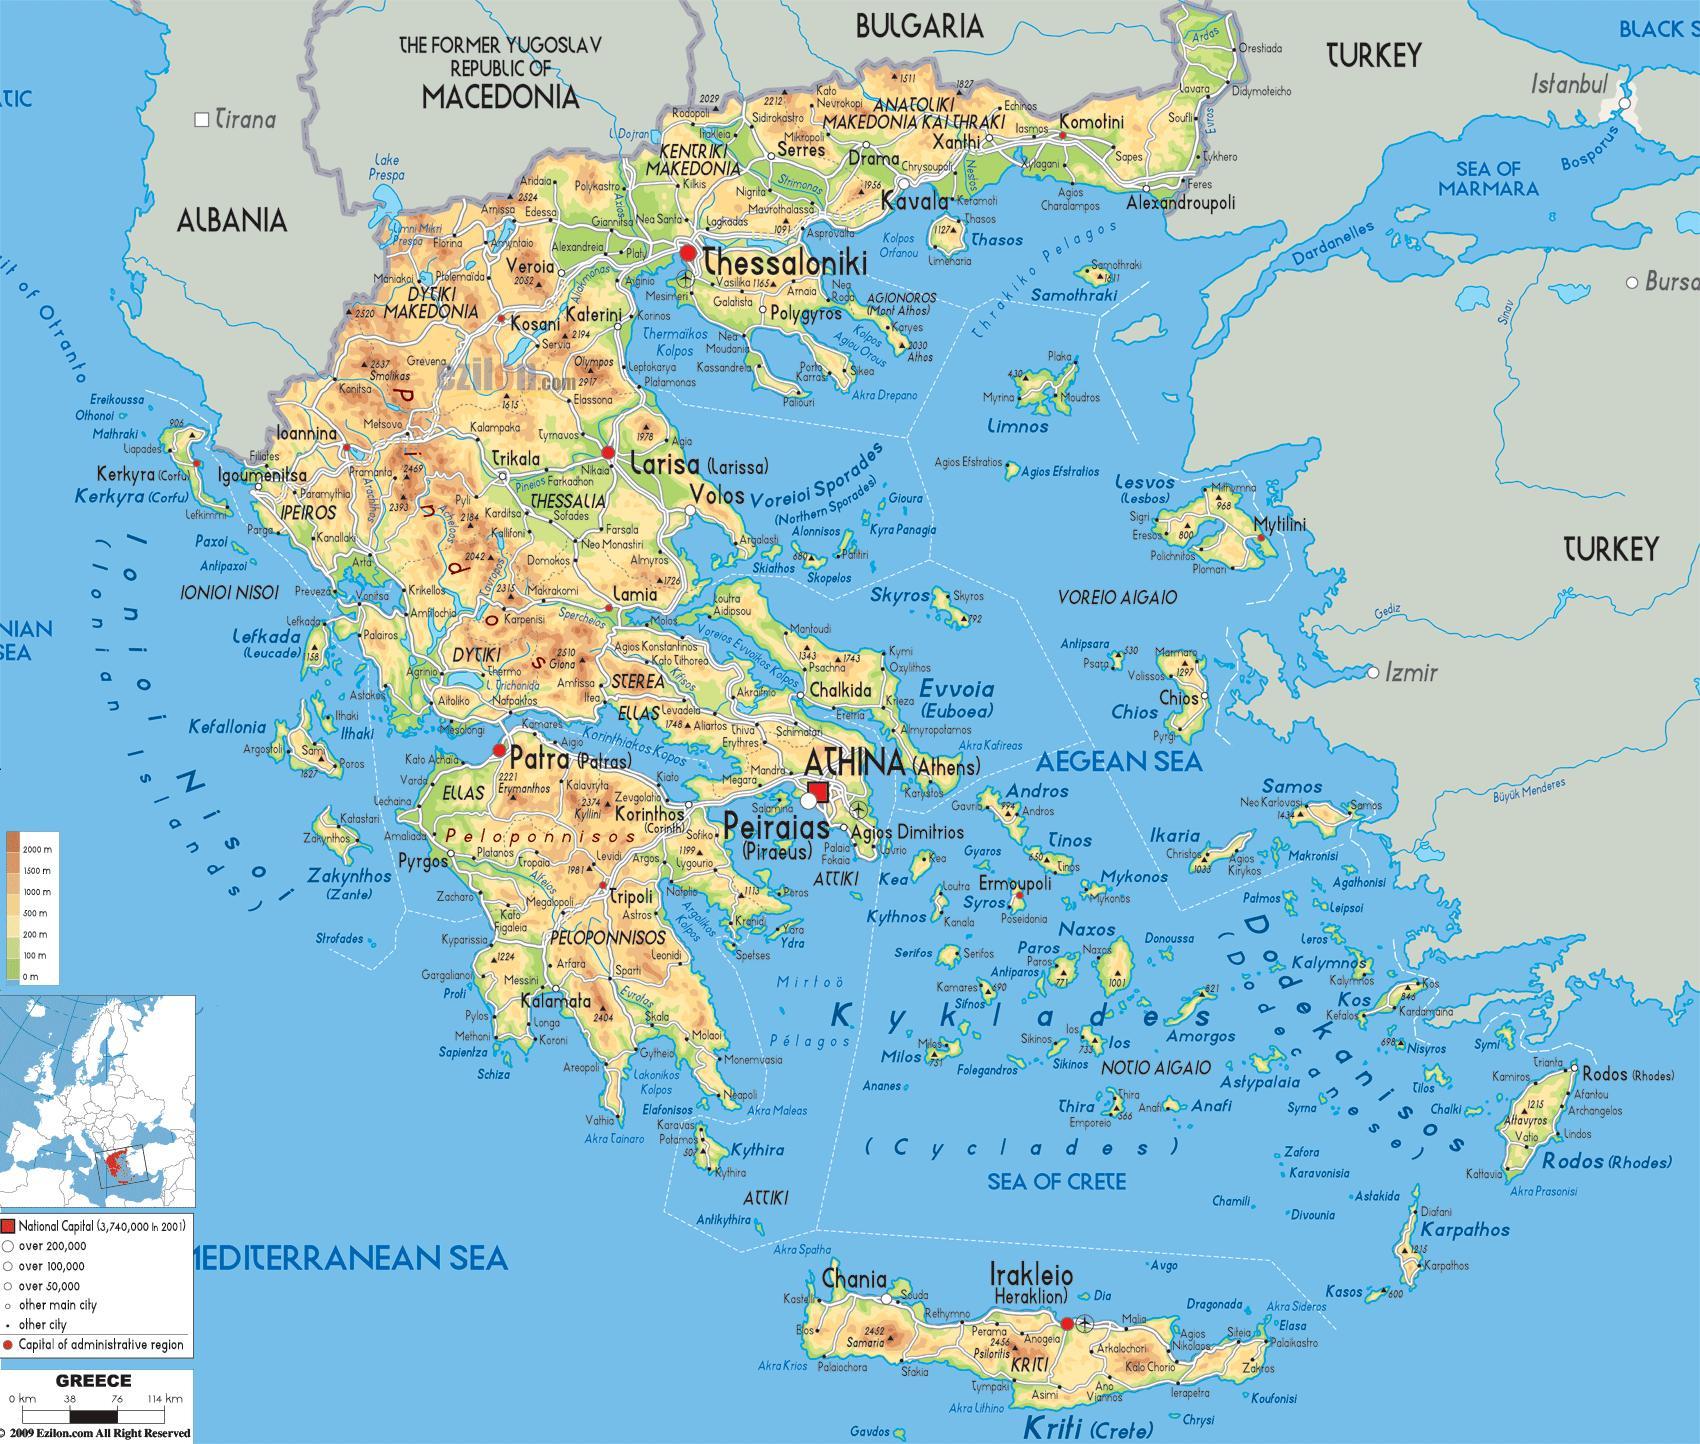 La Grèce Carte Géographique - Carte Géographique De La Grèce intérieur Carte Géographique De L Europe